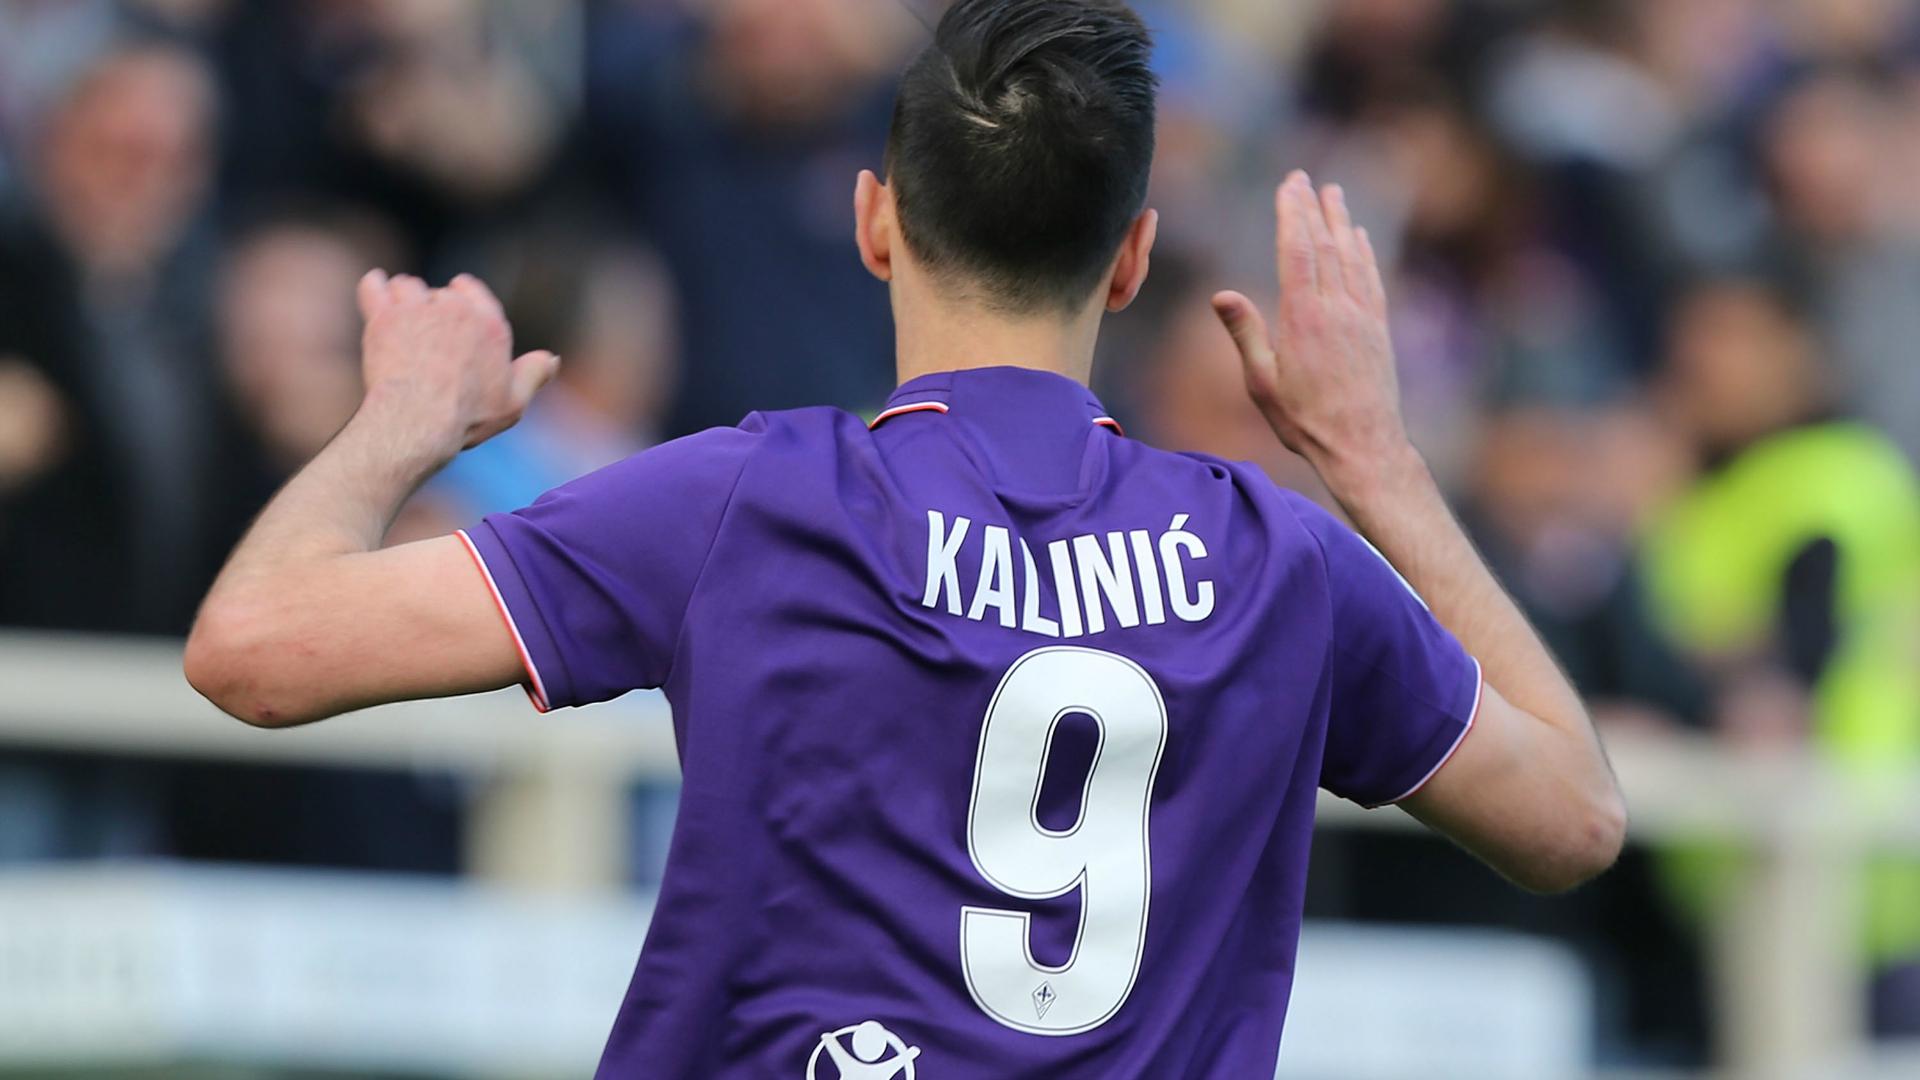 Milan, ultime notizie di calciomercato: si riavvicina Kalinic